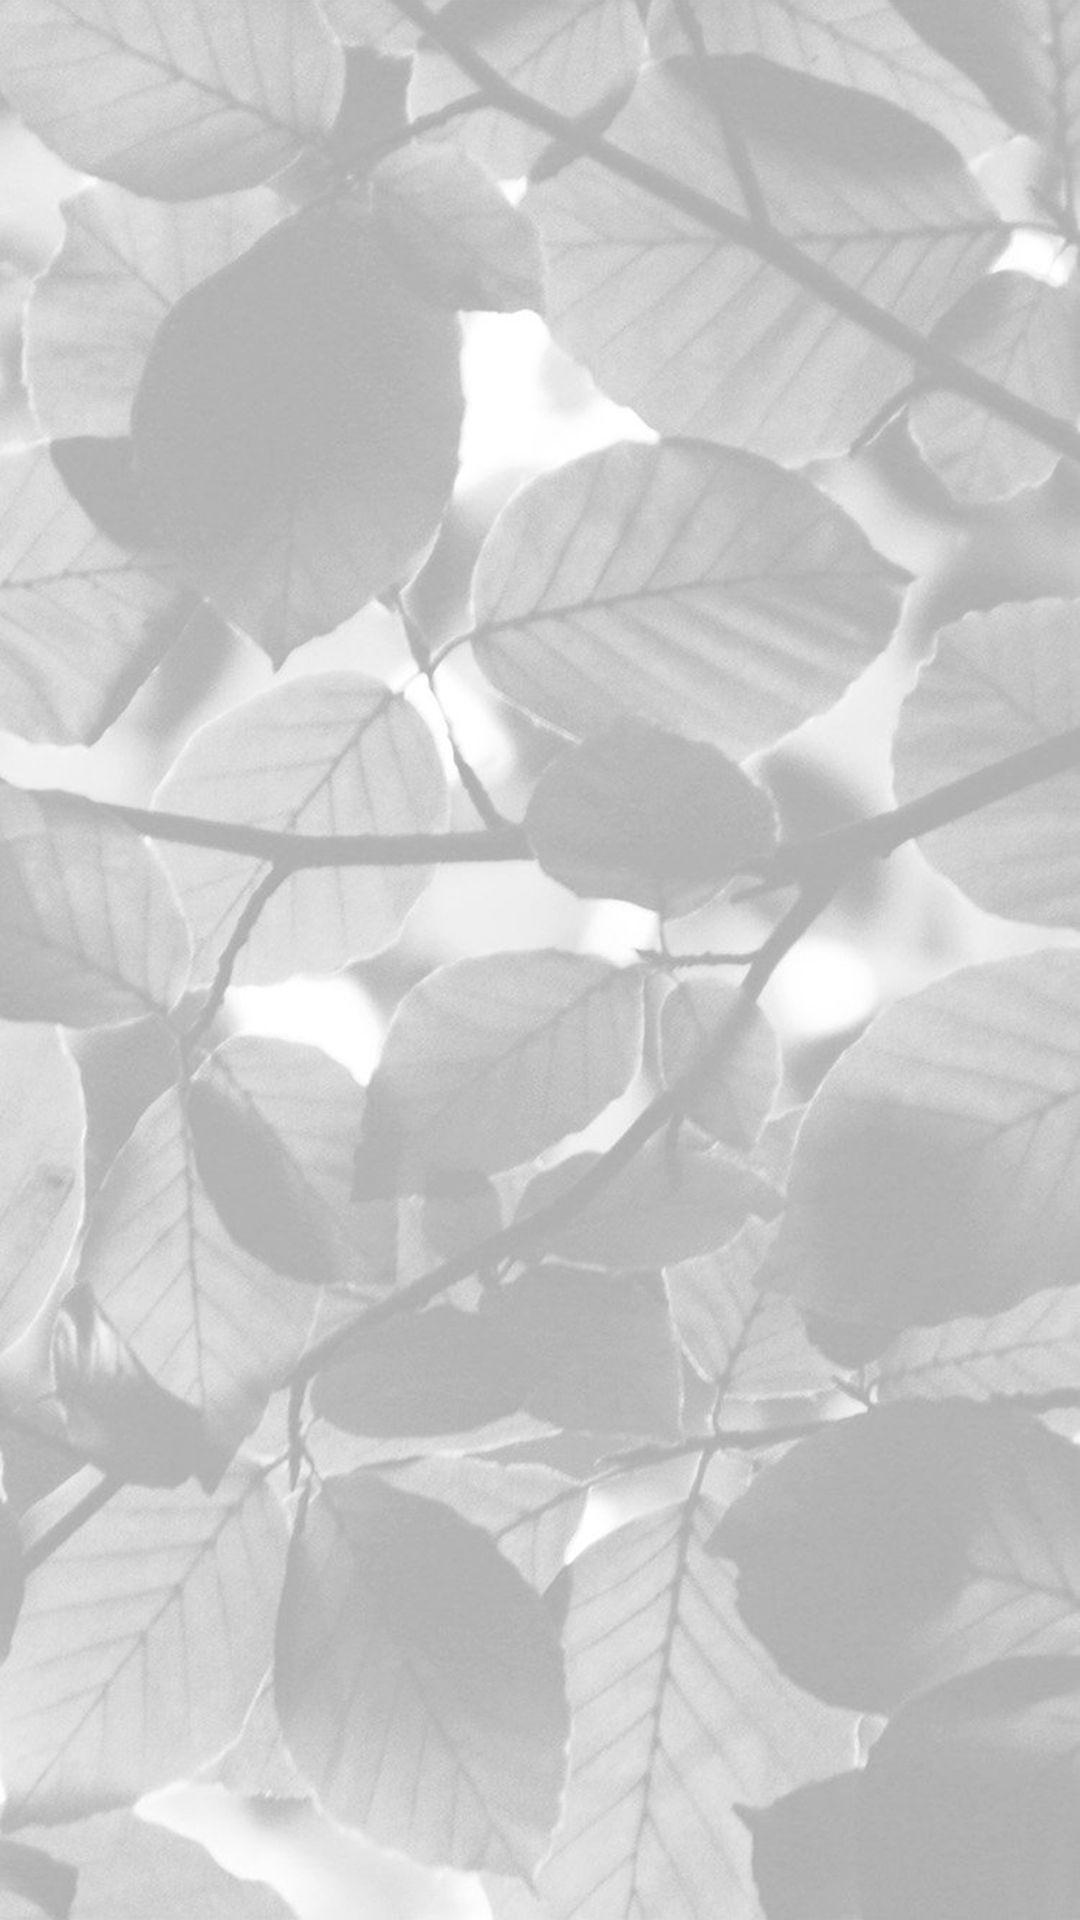 Pin By Jenlongsine On Backgrounds Grey Wallpaper Leaves